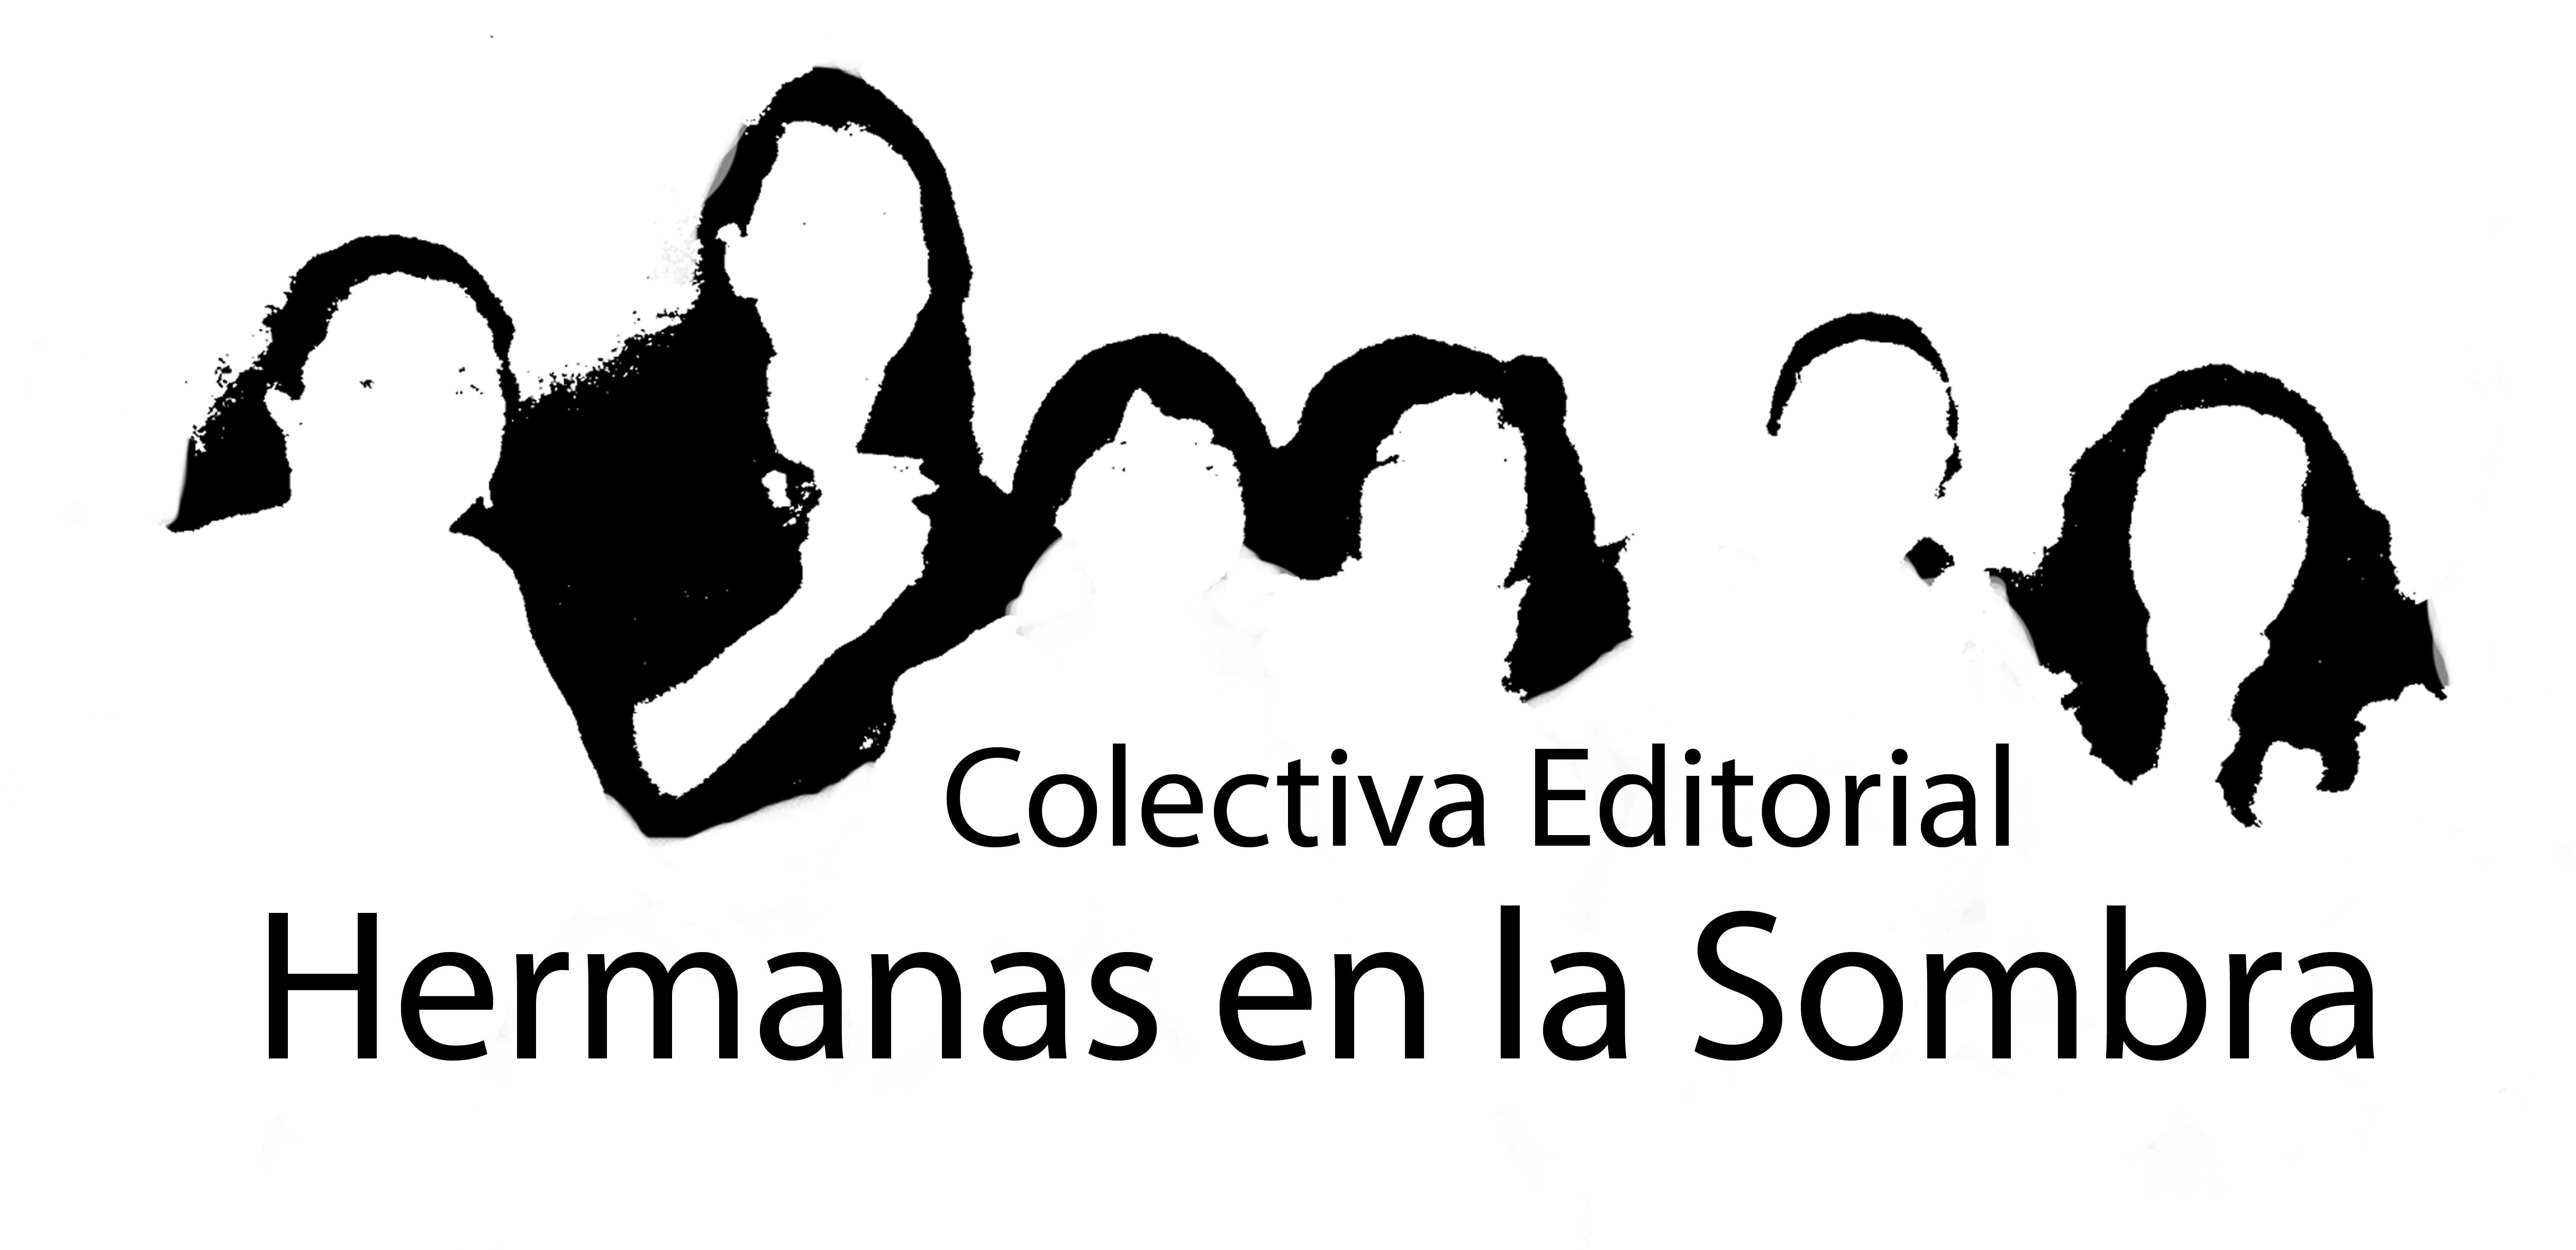 LOGO HERMANAS EN LA SOMBRA JUNIO 2013 grandote